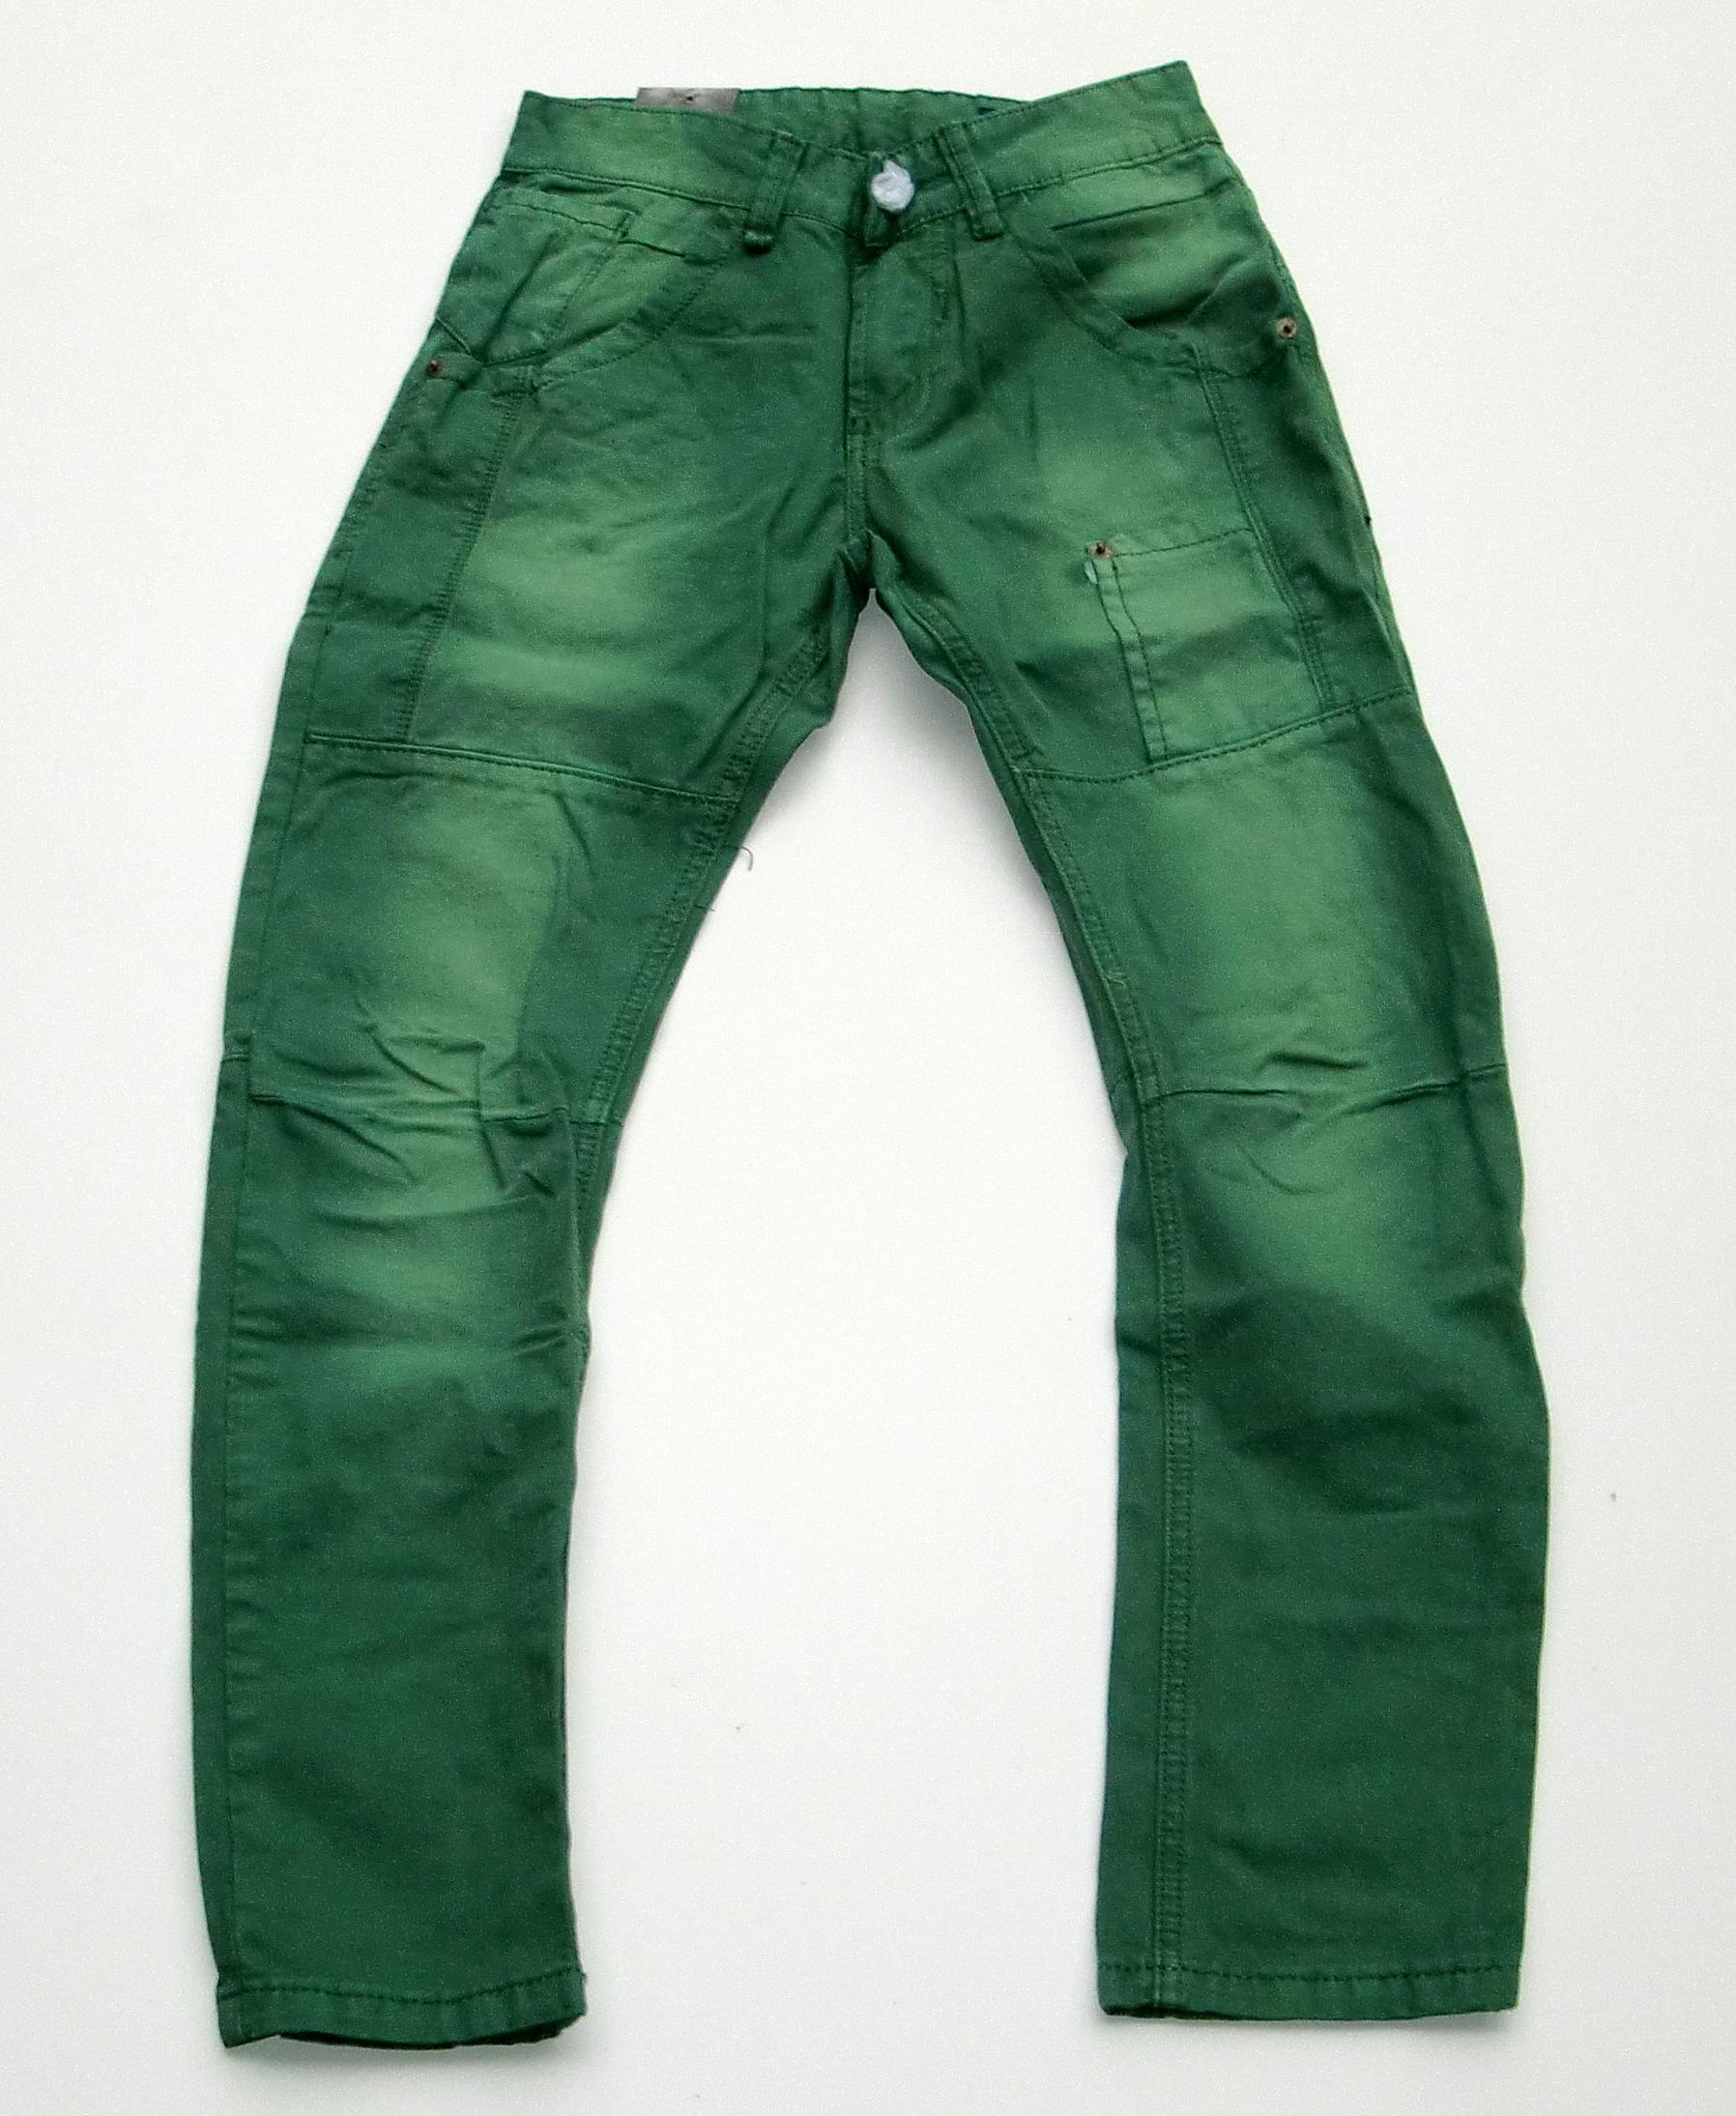 Fiú nadrág zöld 158-164 – GYERMEKRUHASHOP 1754b1ebaf